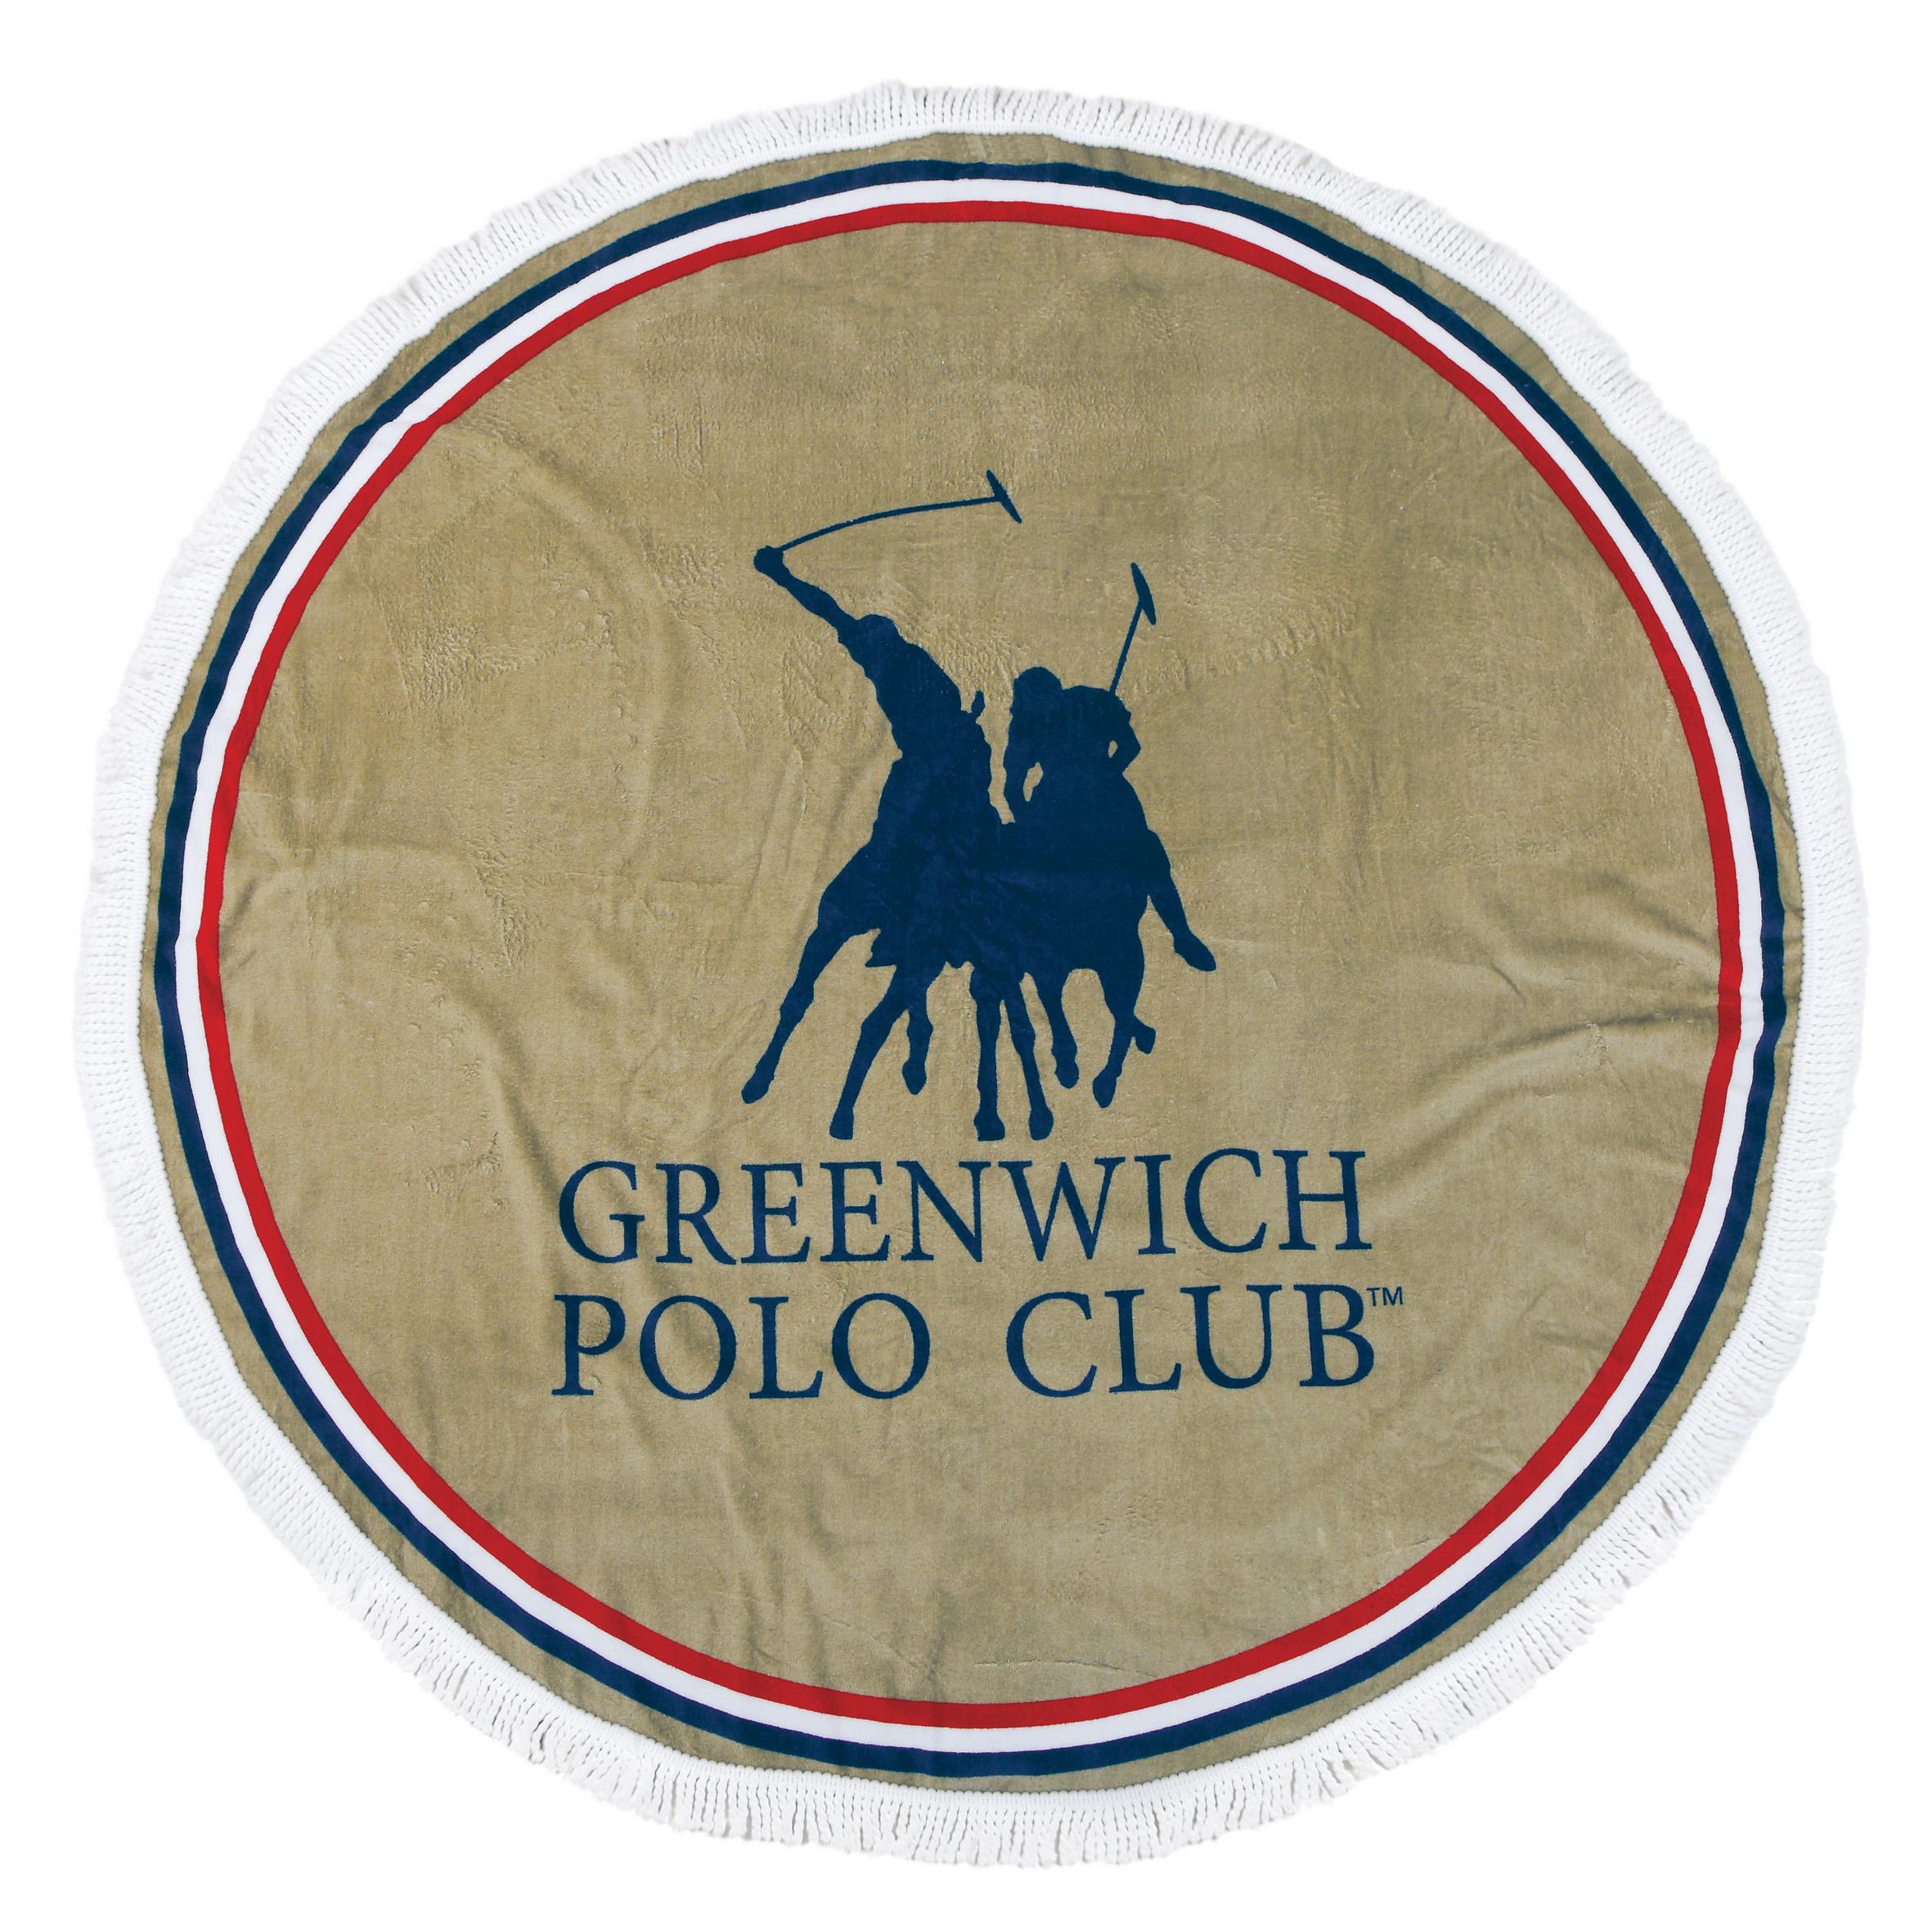 Πετσέτα Θαλάσσης Φ160 Greenwich Polo Club Essential 2825 Μπεζ-Κοκκινο-Μπλε